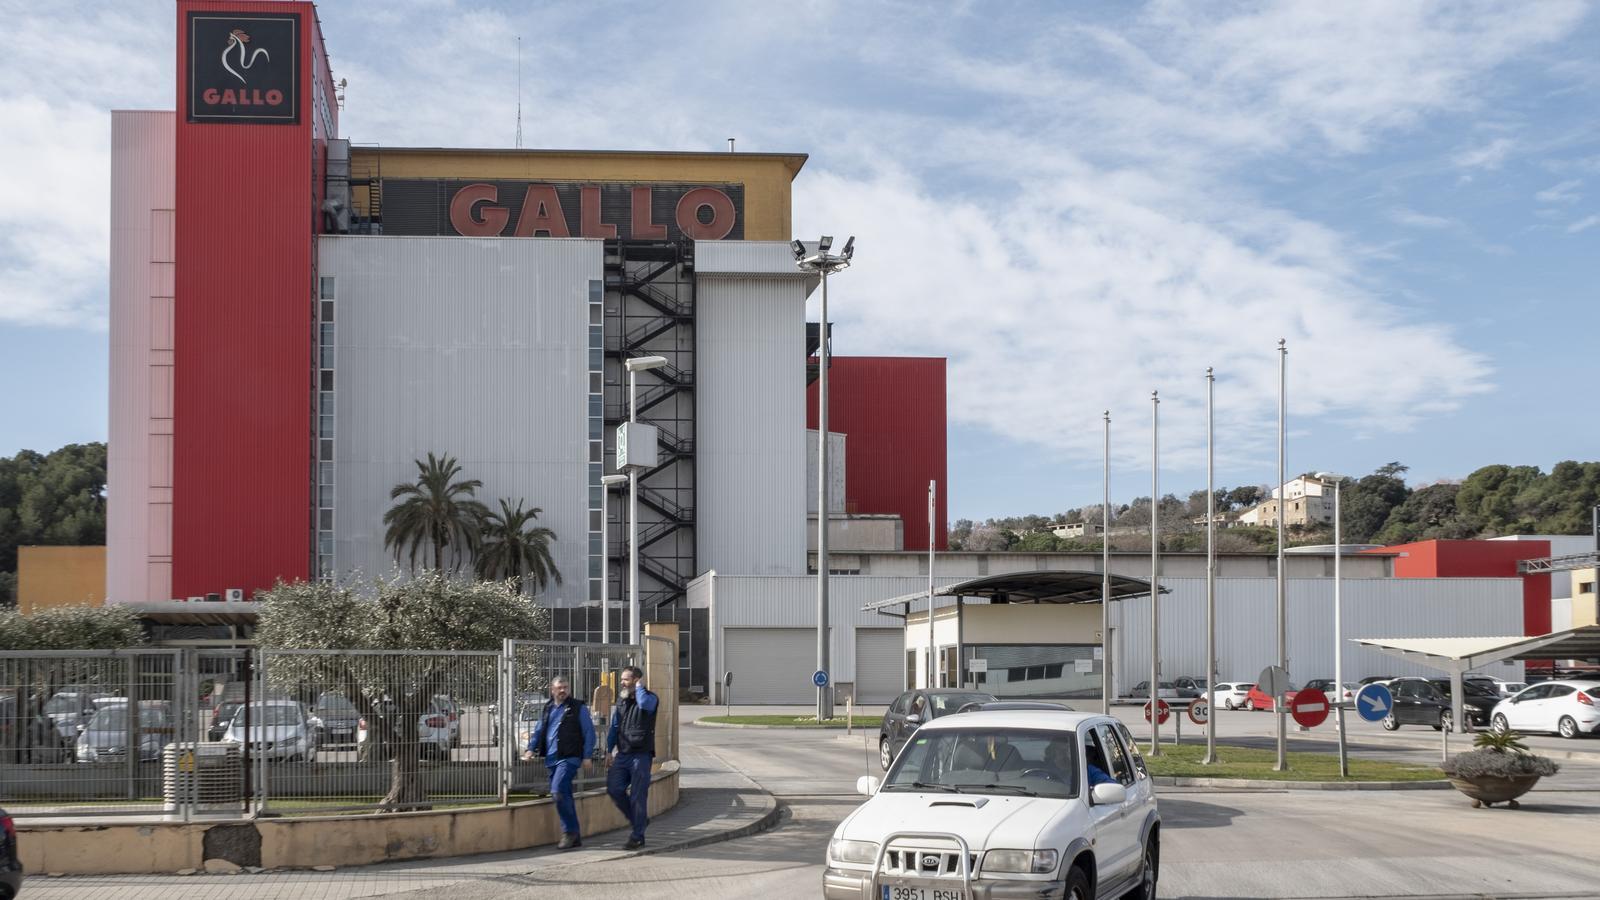 Un fons madrileny compra Pastas Gallo